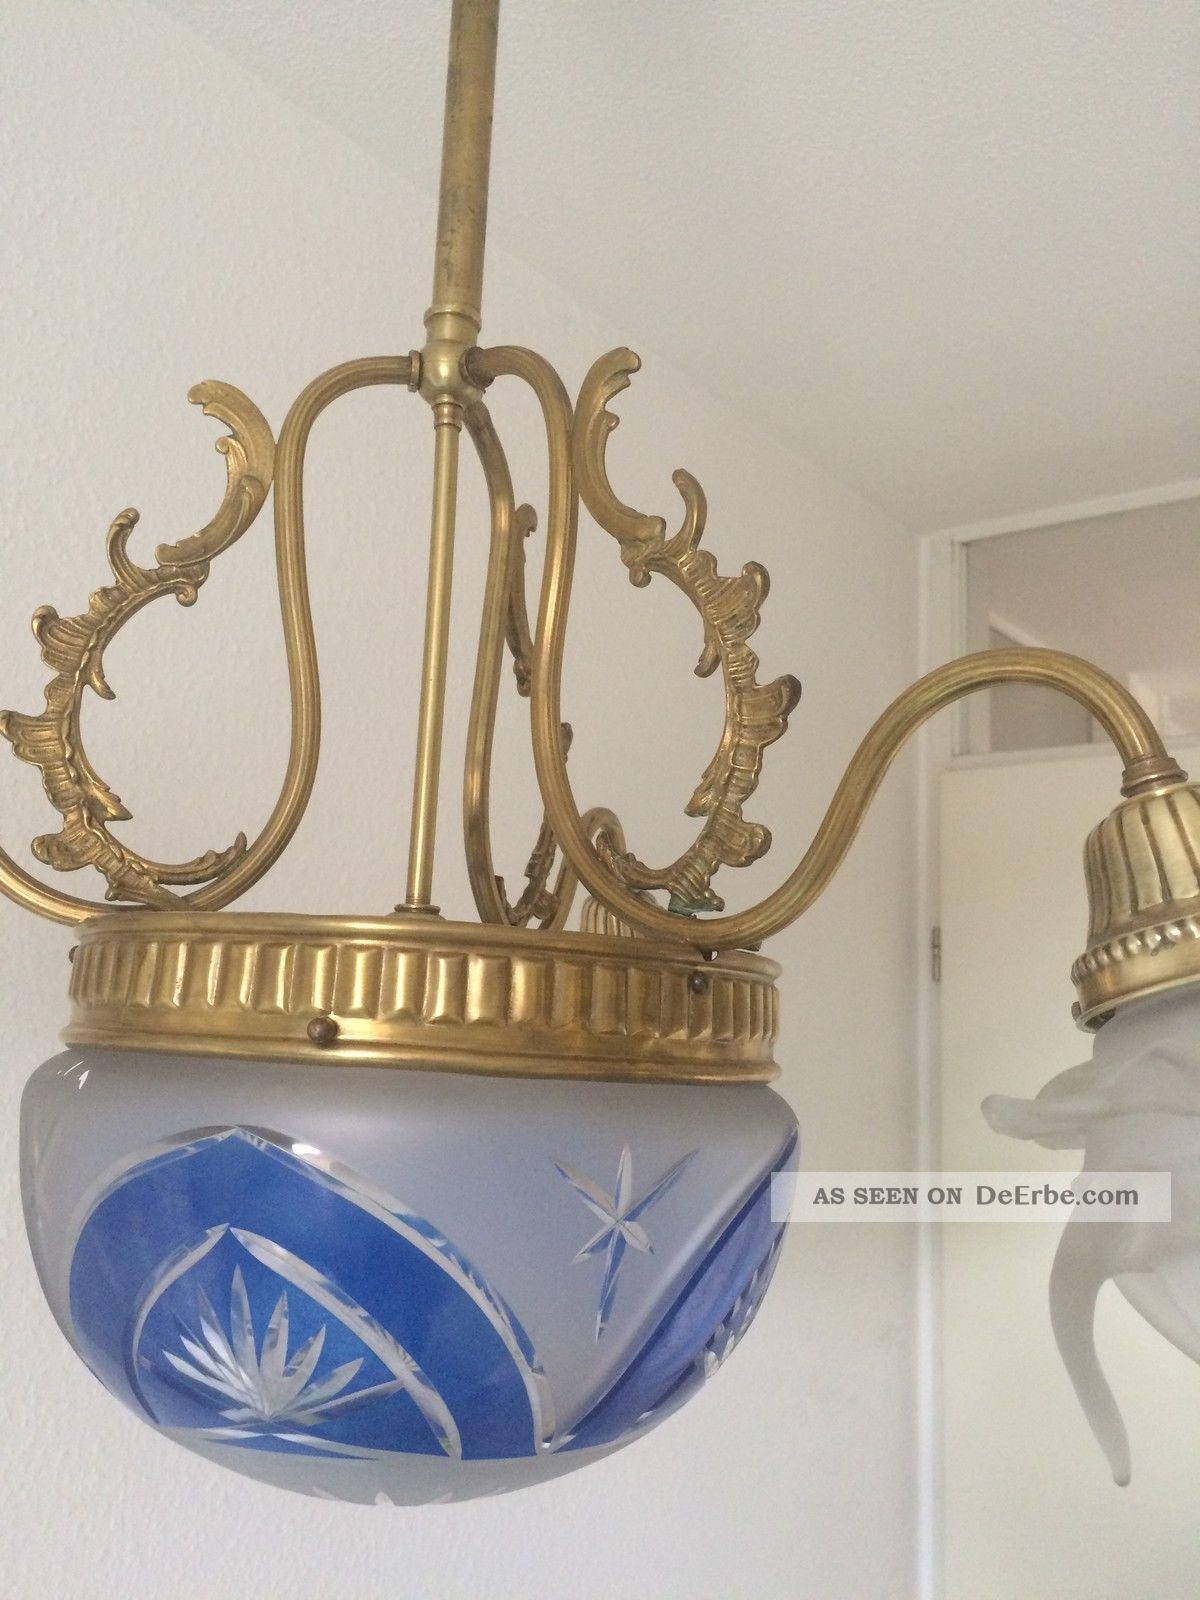 wundersch ne jugendstil lampe val saint lambert leuchte. Black Bedroom Furniture Sets. Home Design Ideas